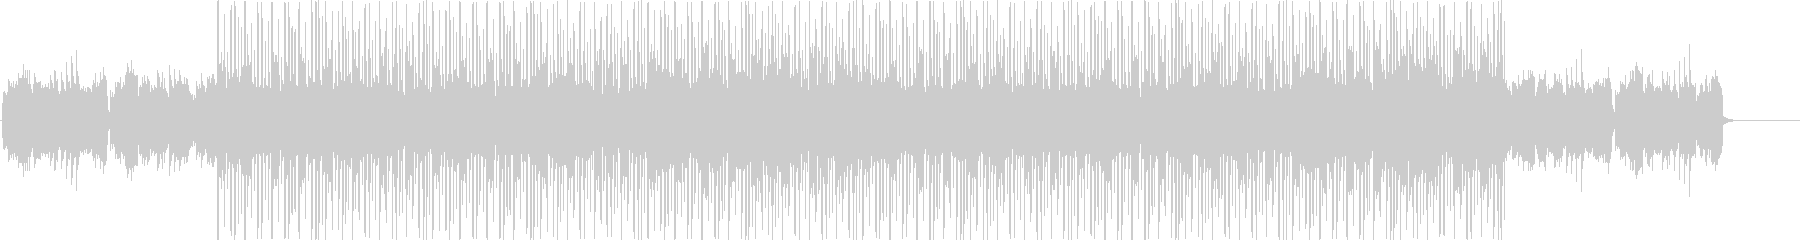 メロウなLO FIでCHILL なBGMの未再生の波形